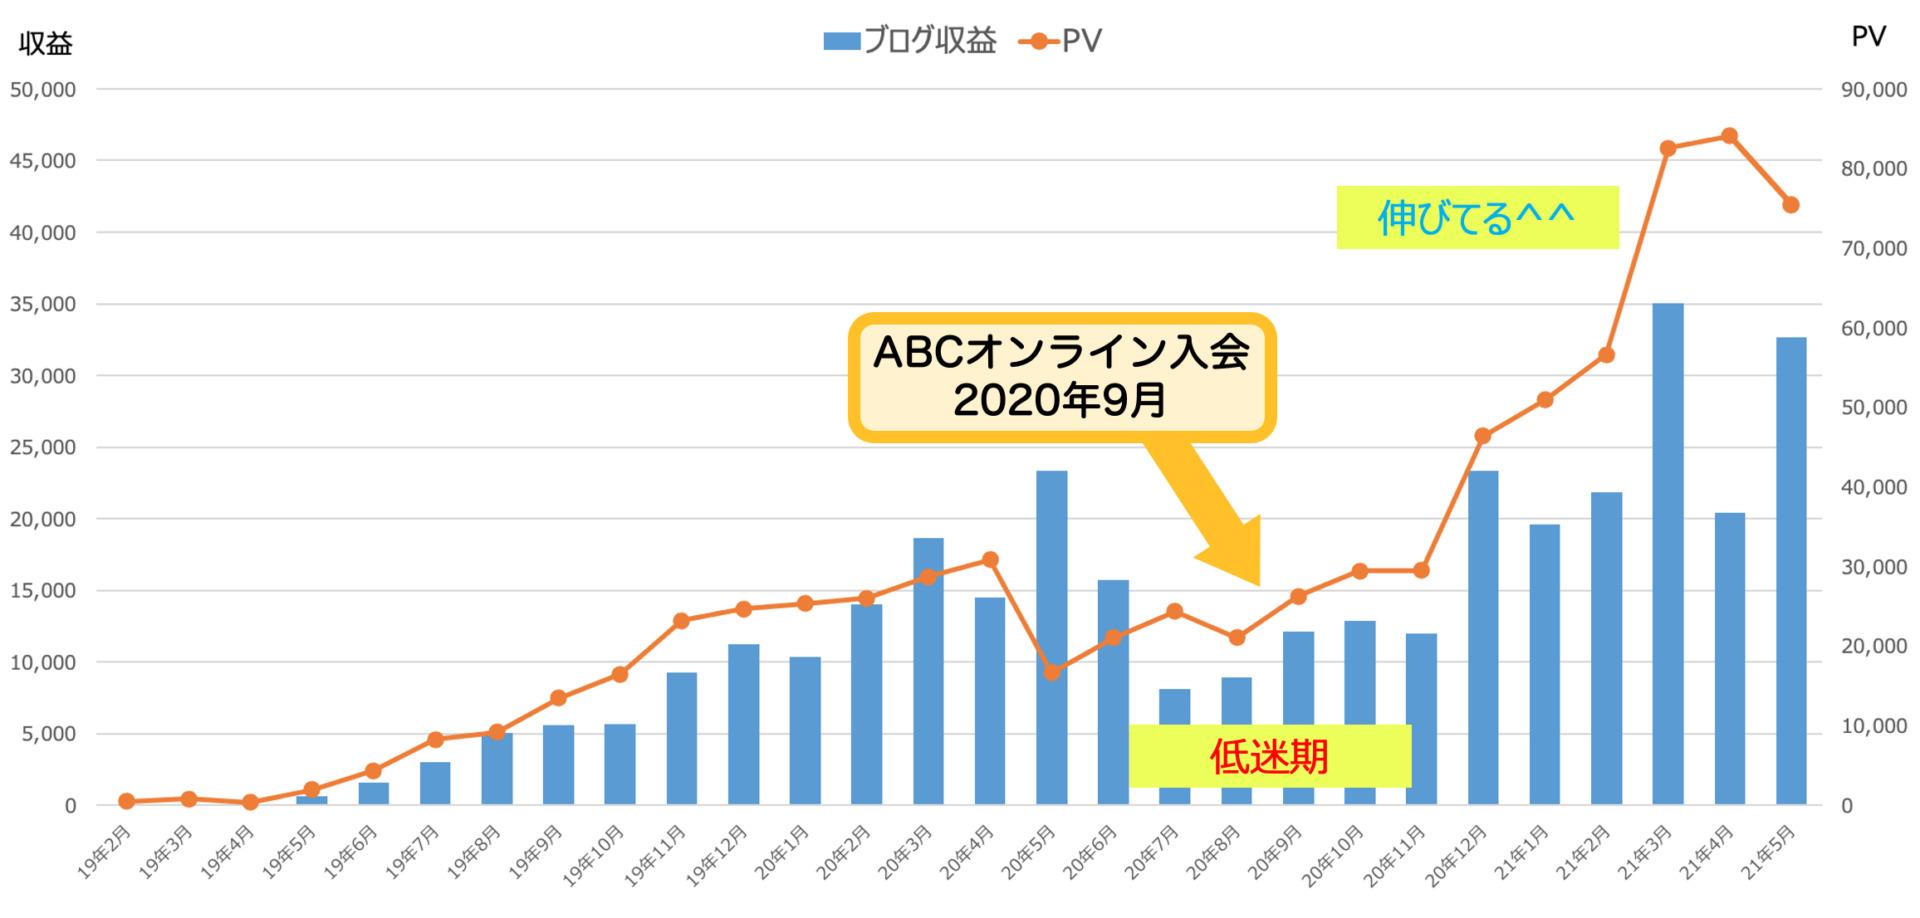 ブログPV推移_2021年5月